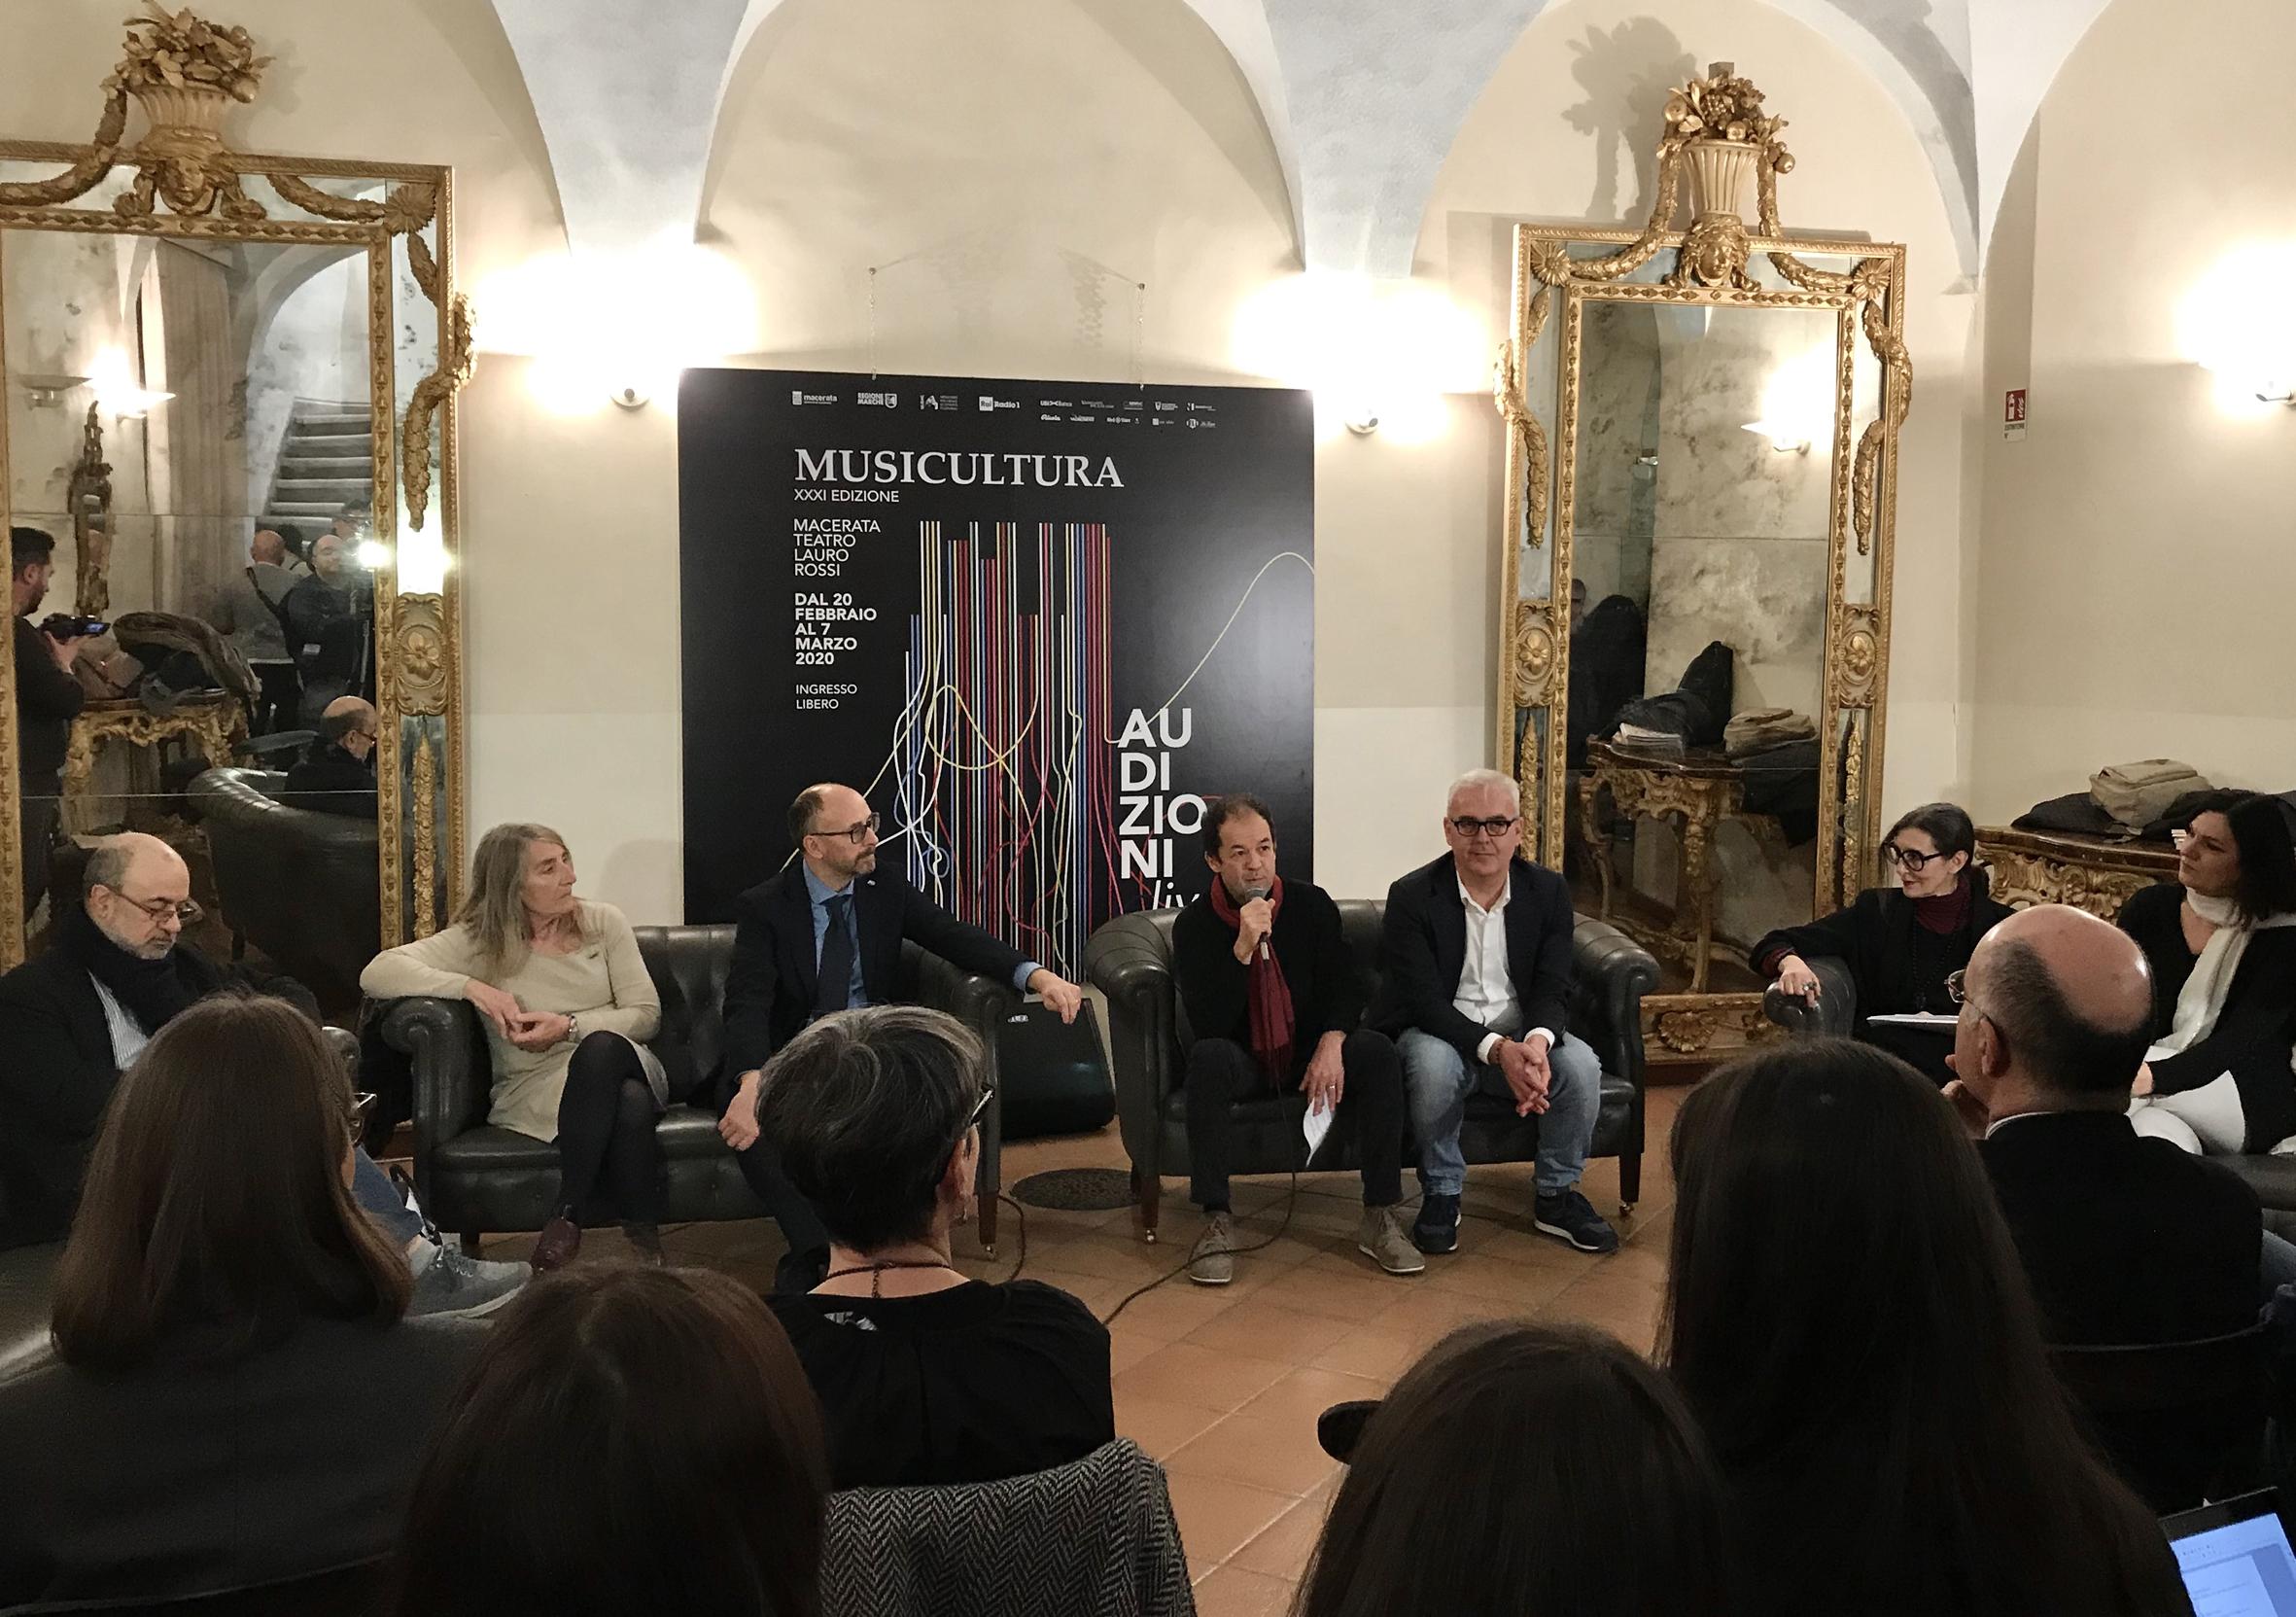 Le audizioni live di Musicultura al Teatro Lauro Rossi di Macerata